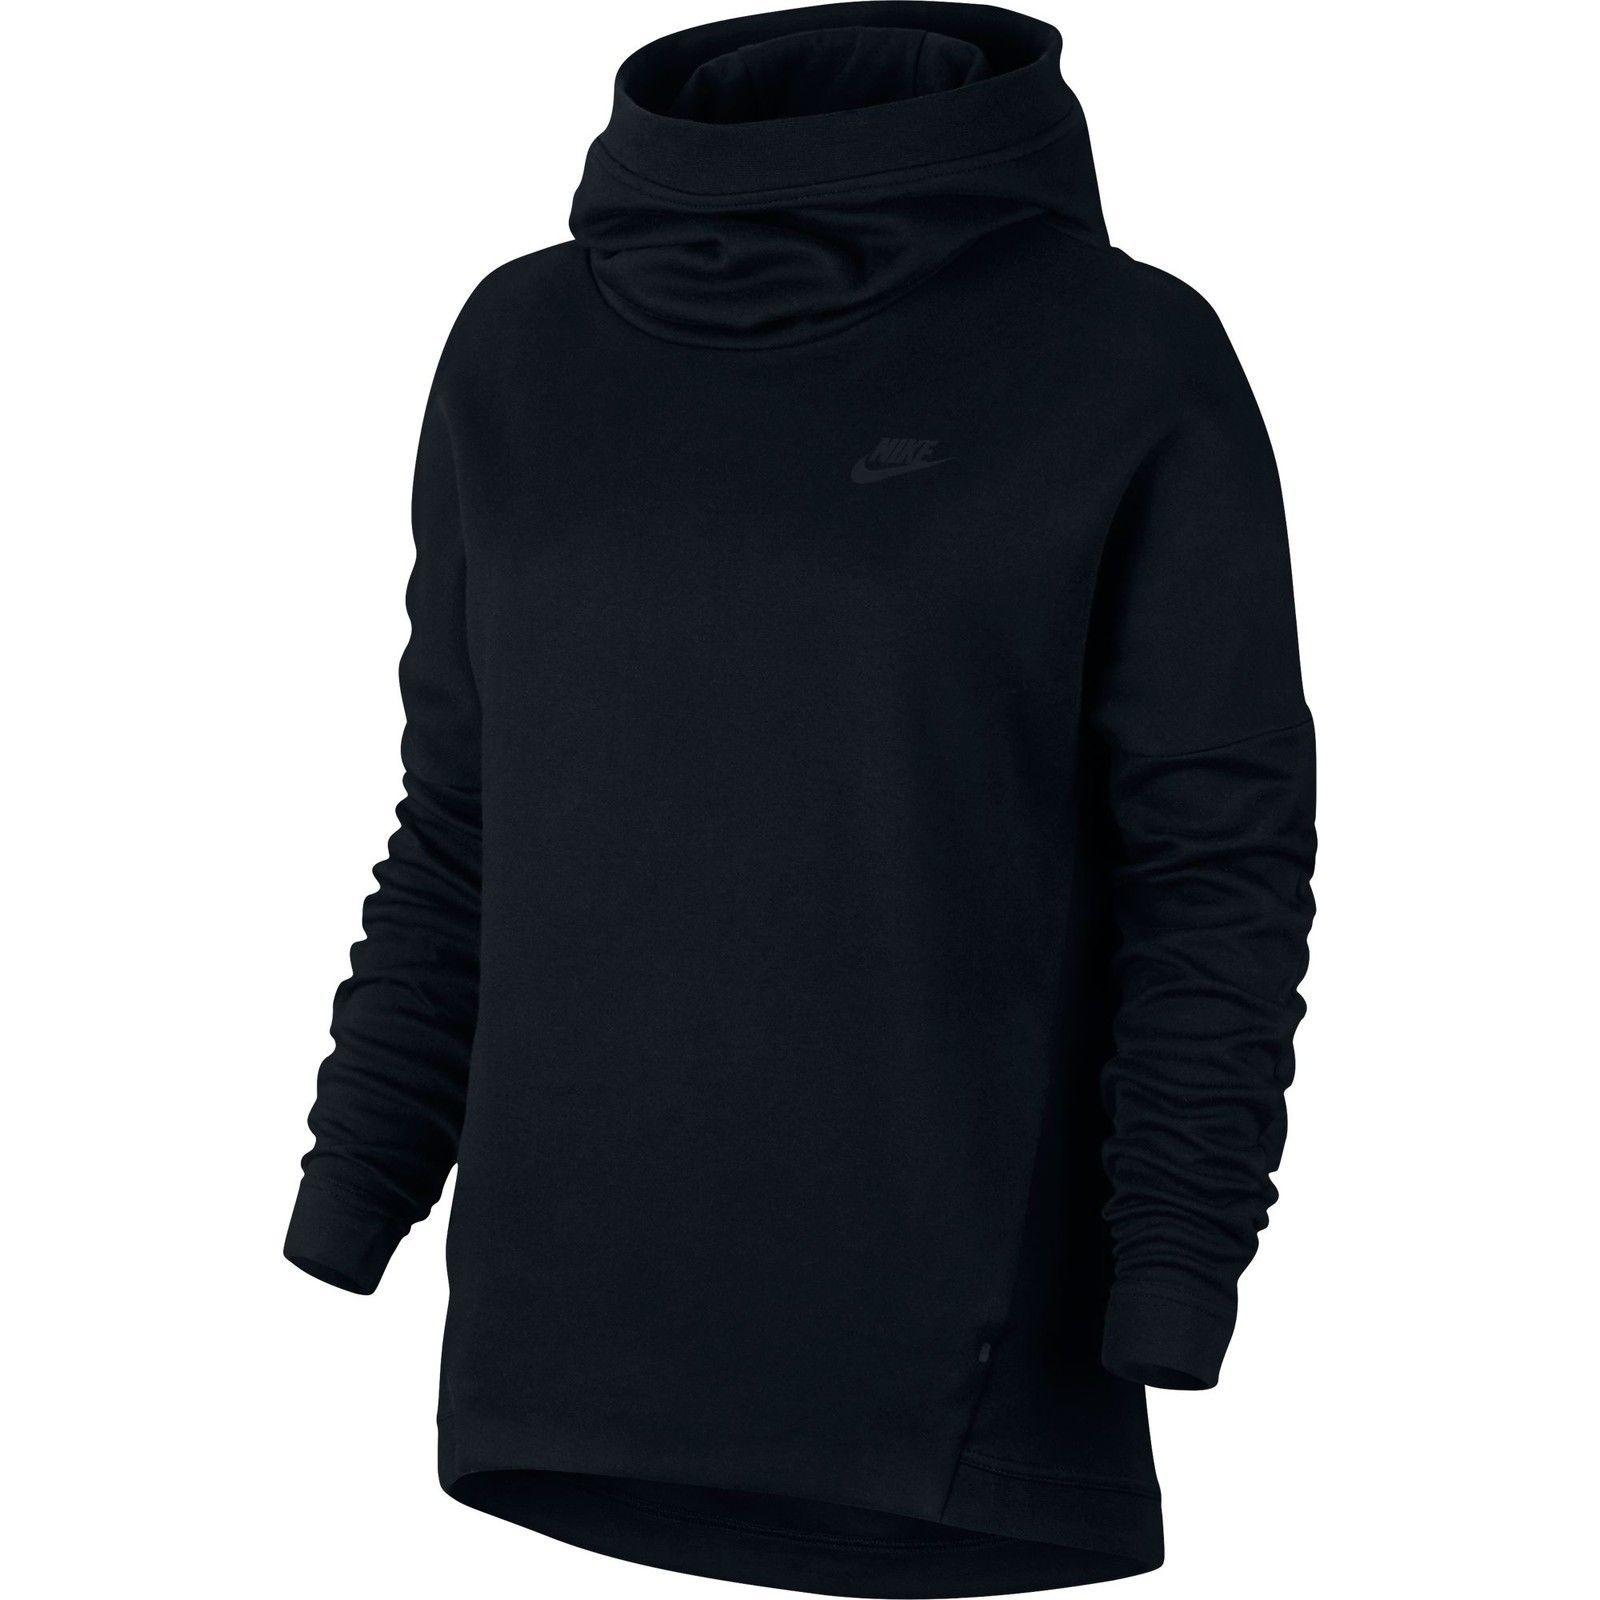 Nike Sportswear Tech Fleece Women's Longsleeve Pullover